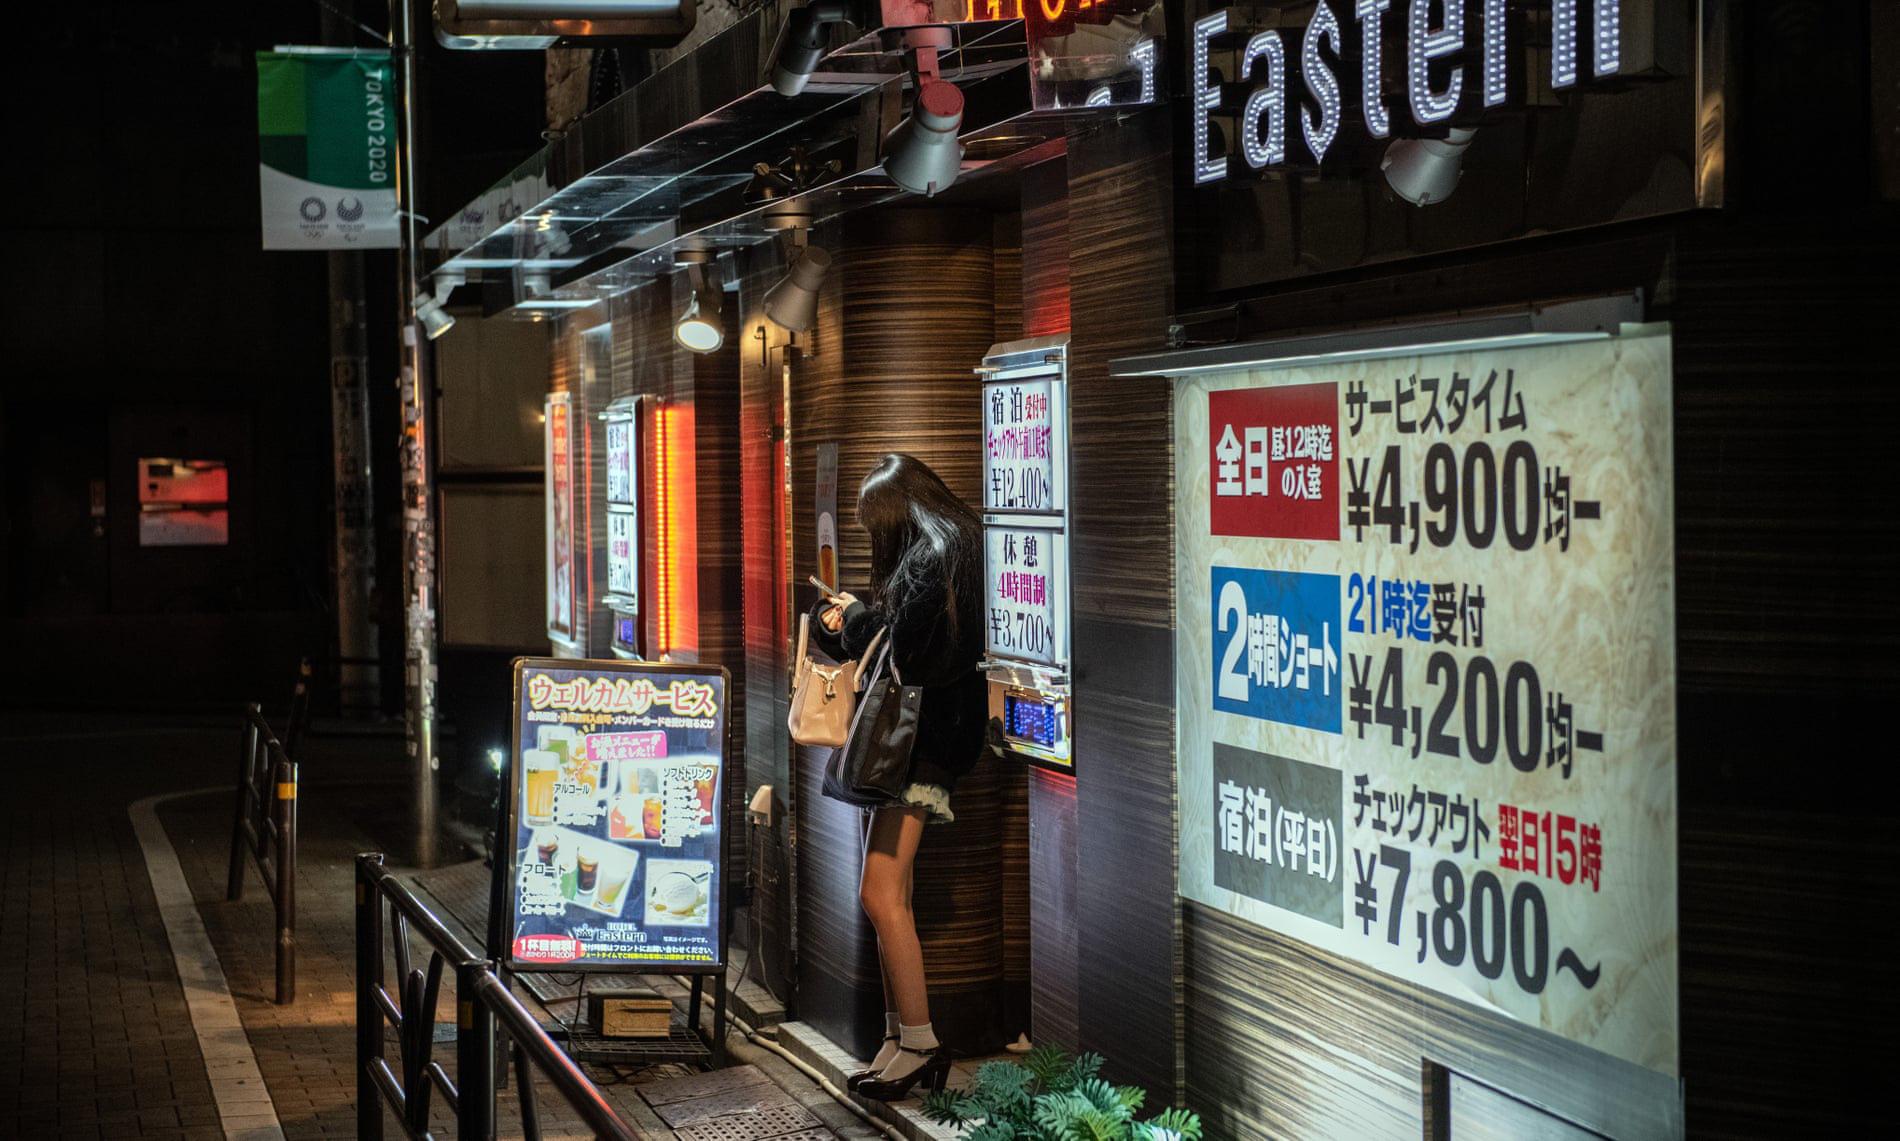 """Nhật Bản: Khách sạn tình yêu """"chết dần"""" vì thanh niên """"lười yêu"""" - Ảnh 1."""